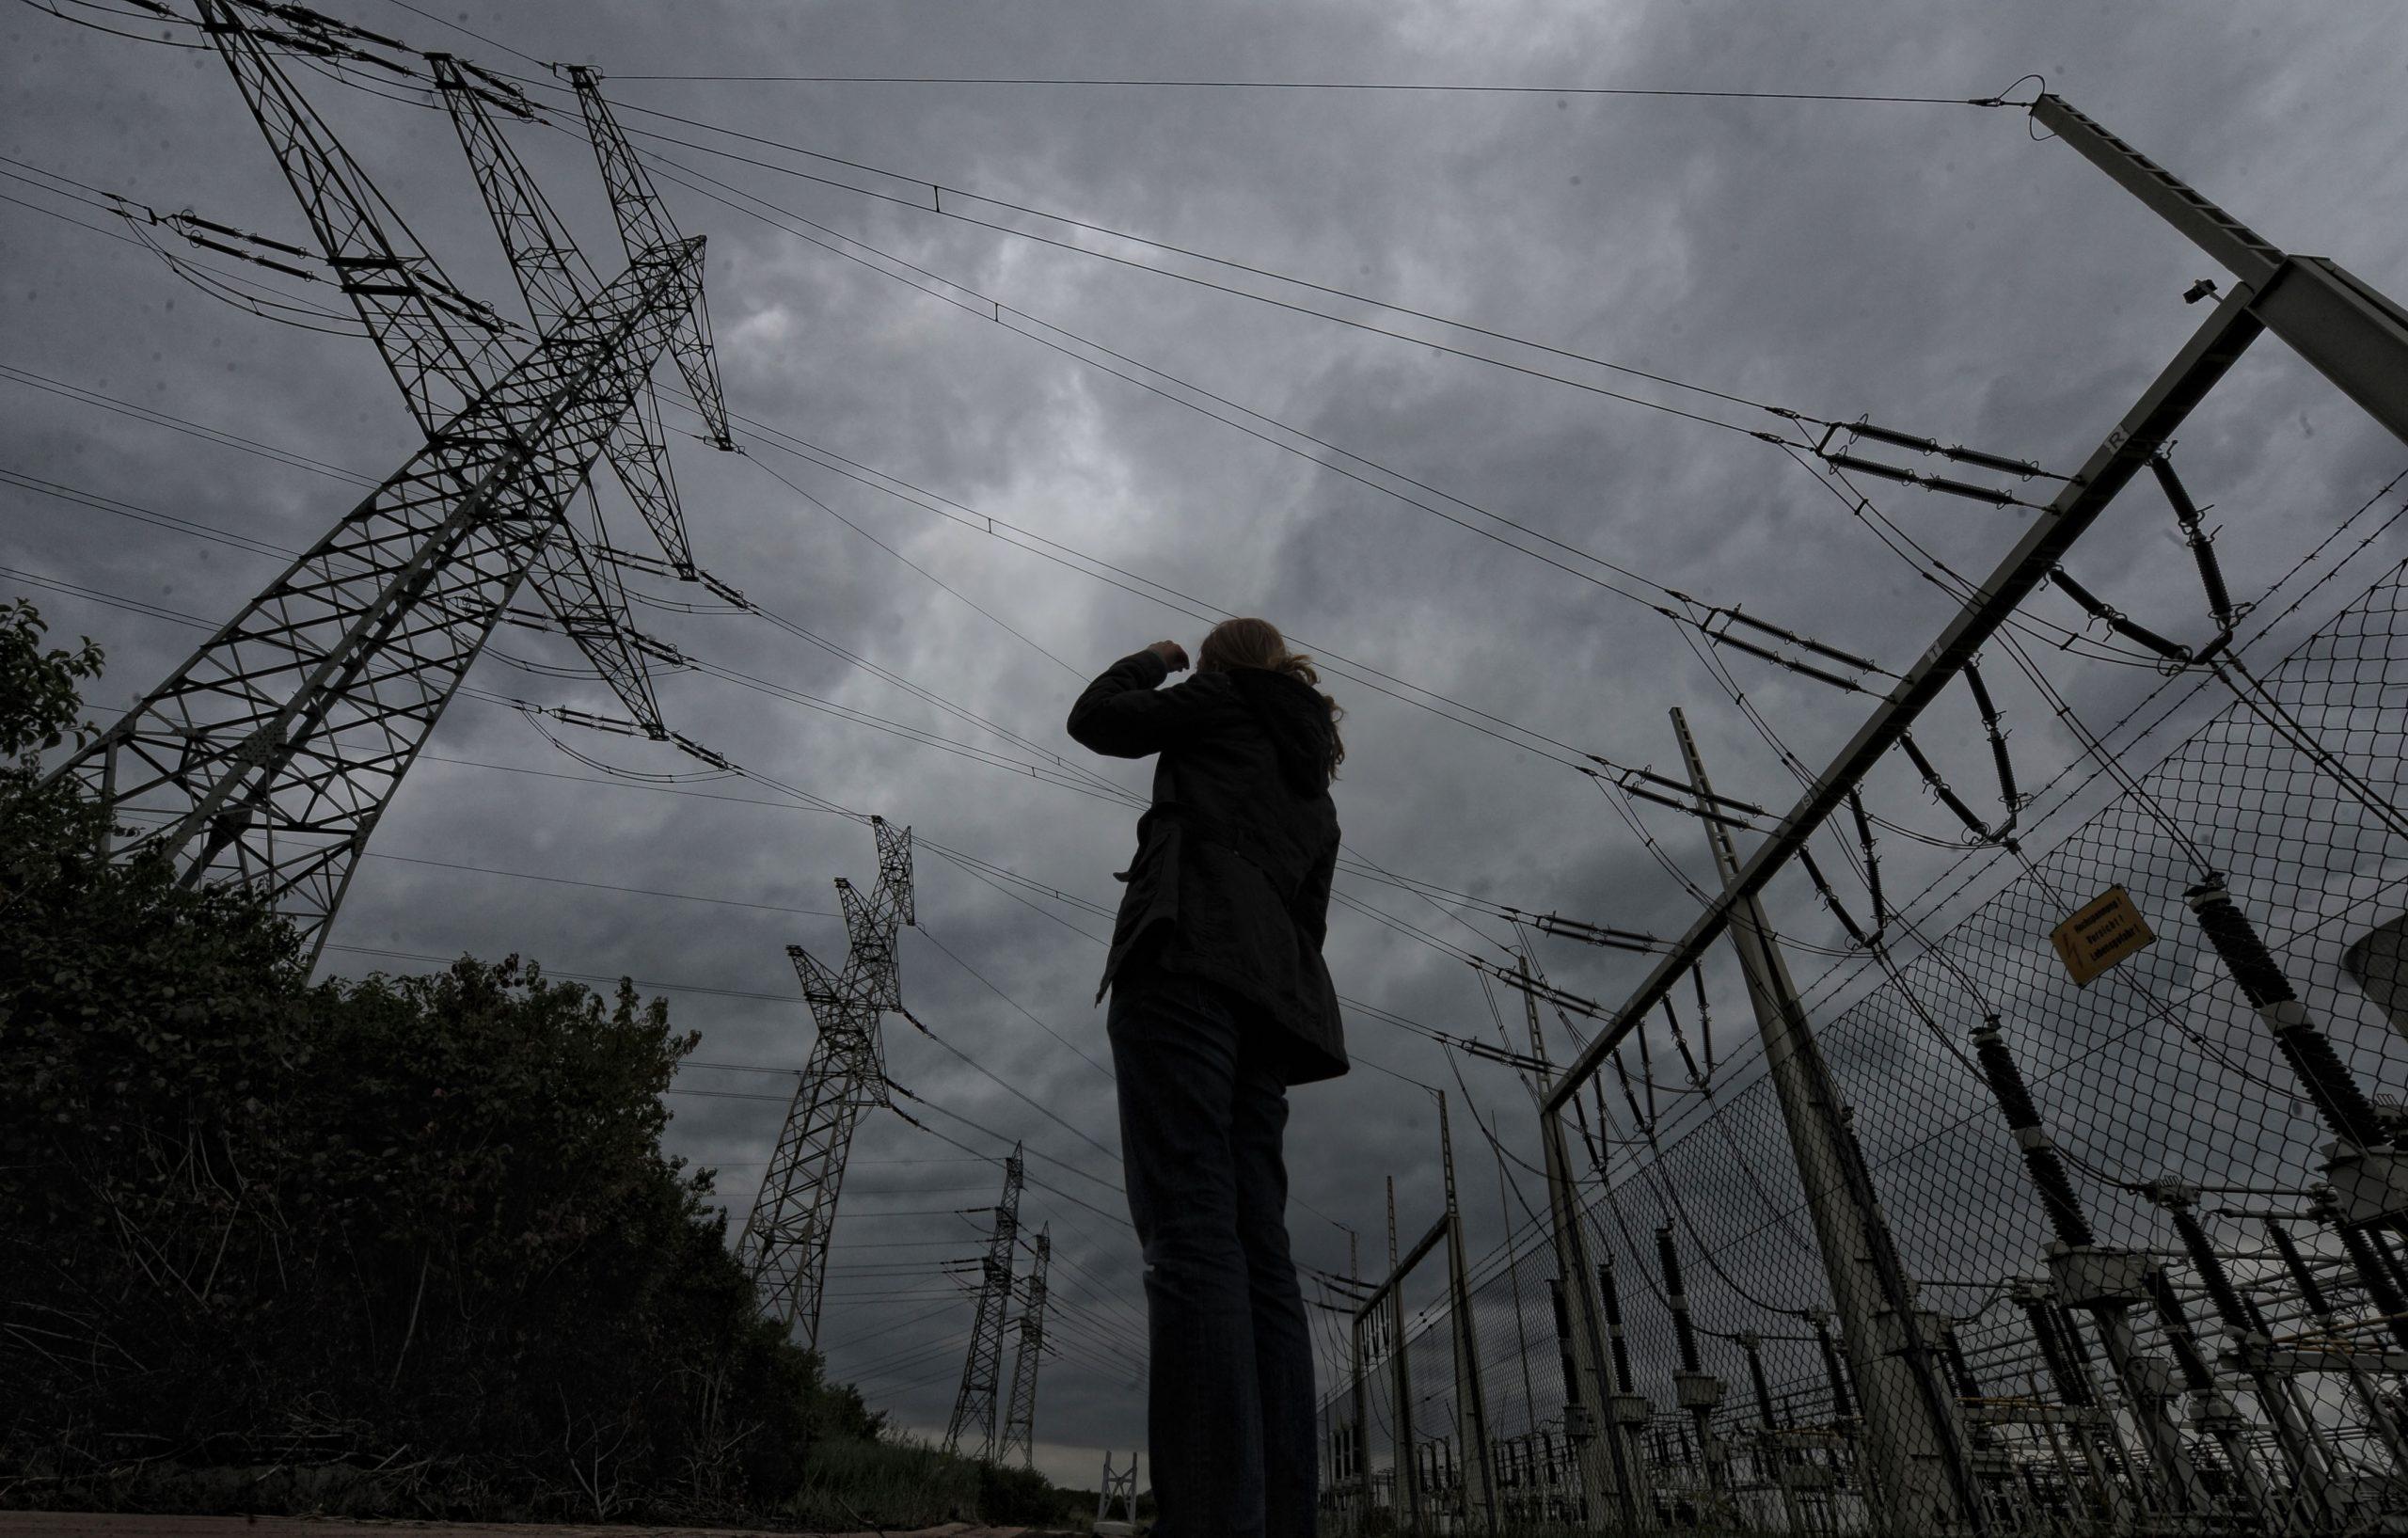 Stromversorgung: Ohne Strom aus Kohle- oder Kernkraftwerken säßen wir im Dunkeln